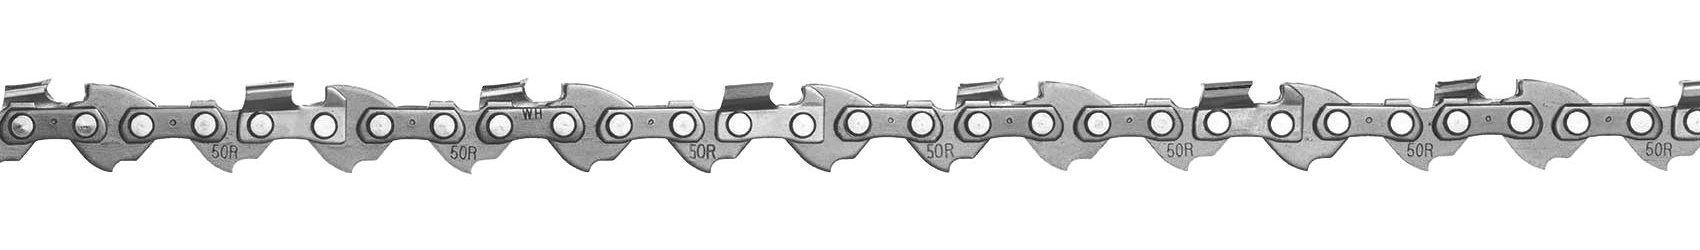 """GARDENA Ersatzkette »CHO002, 00057-76«, für Kettensägen mit 30 cm Schwertlänge, 168 cm Länge, 3/8"""""""